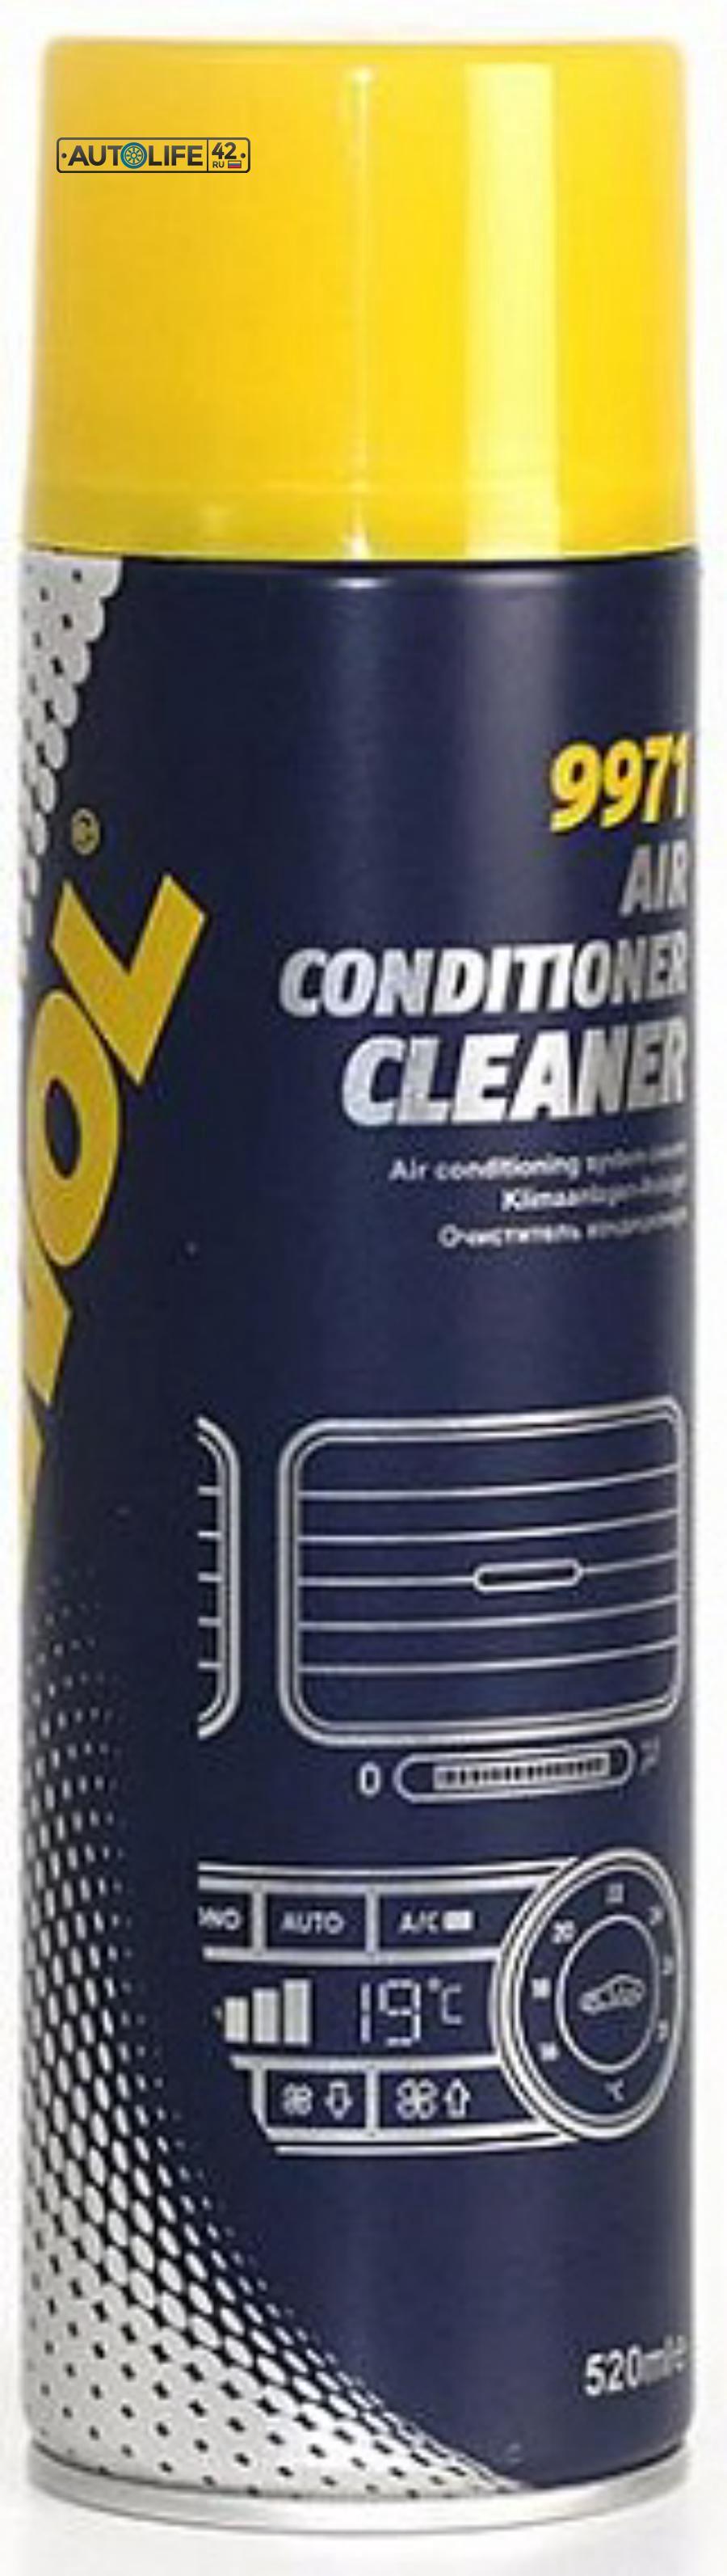 Очиститель автомобильных кондиционеров MANNOL 9971 Air Conditioner Cleaner